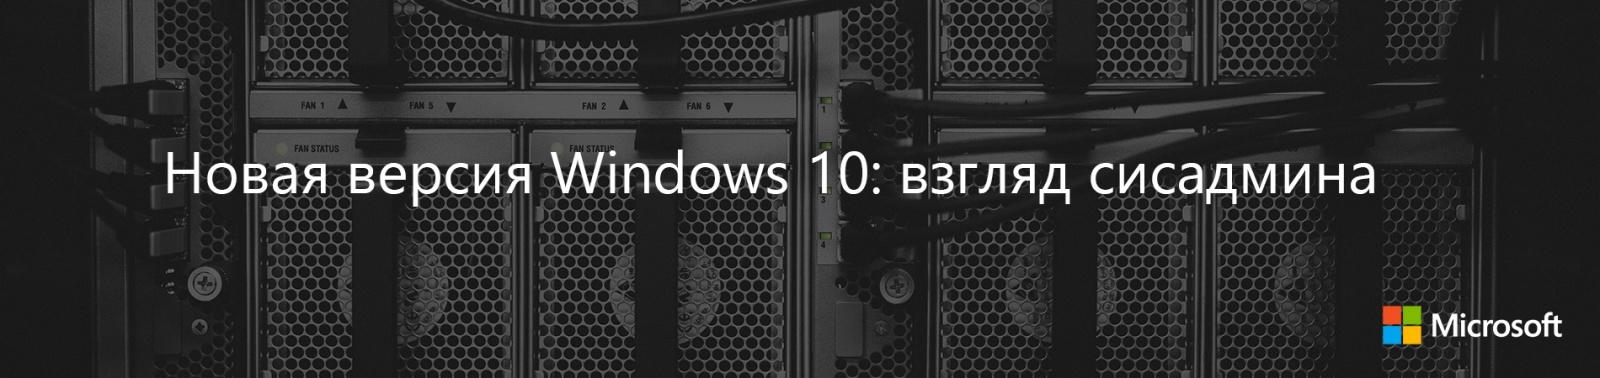 Новая версия Windows 10: взгляд сисадмина - 1